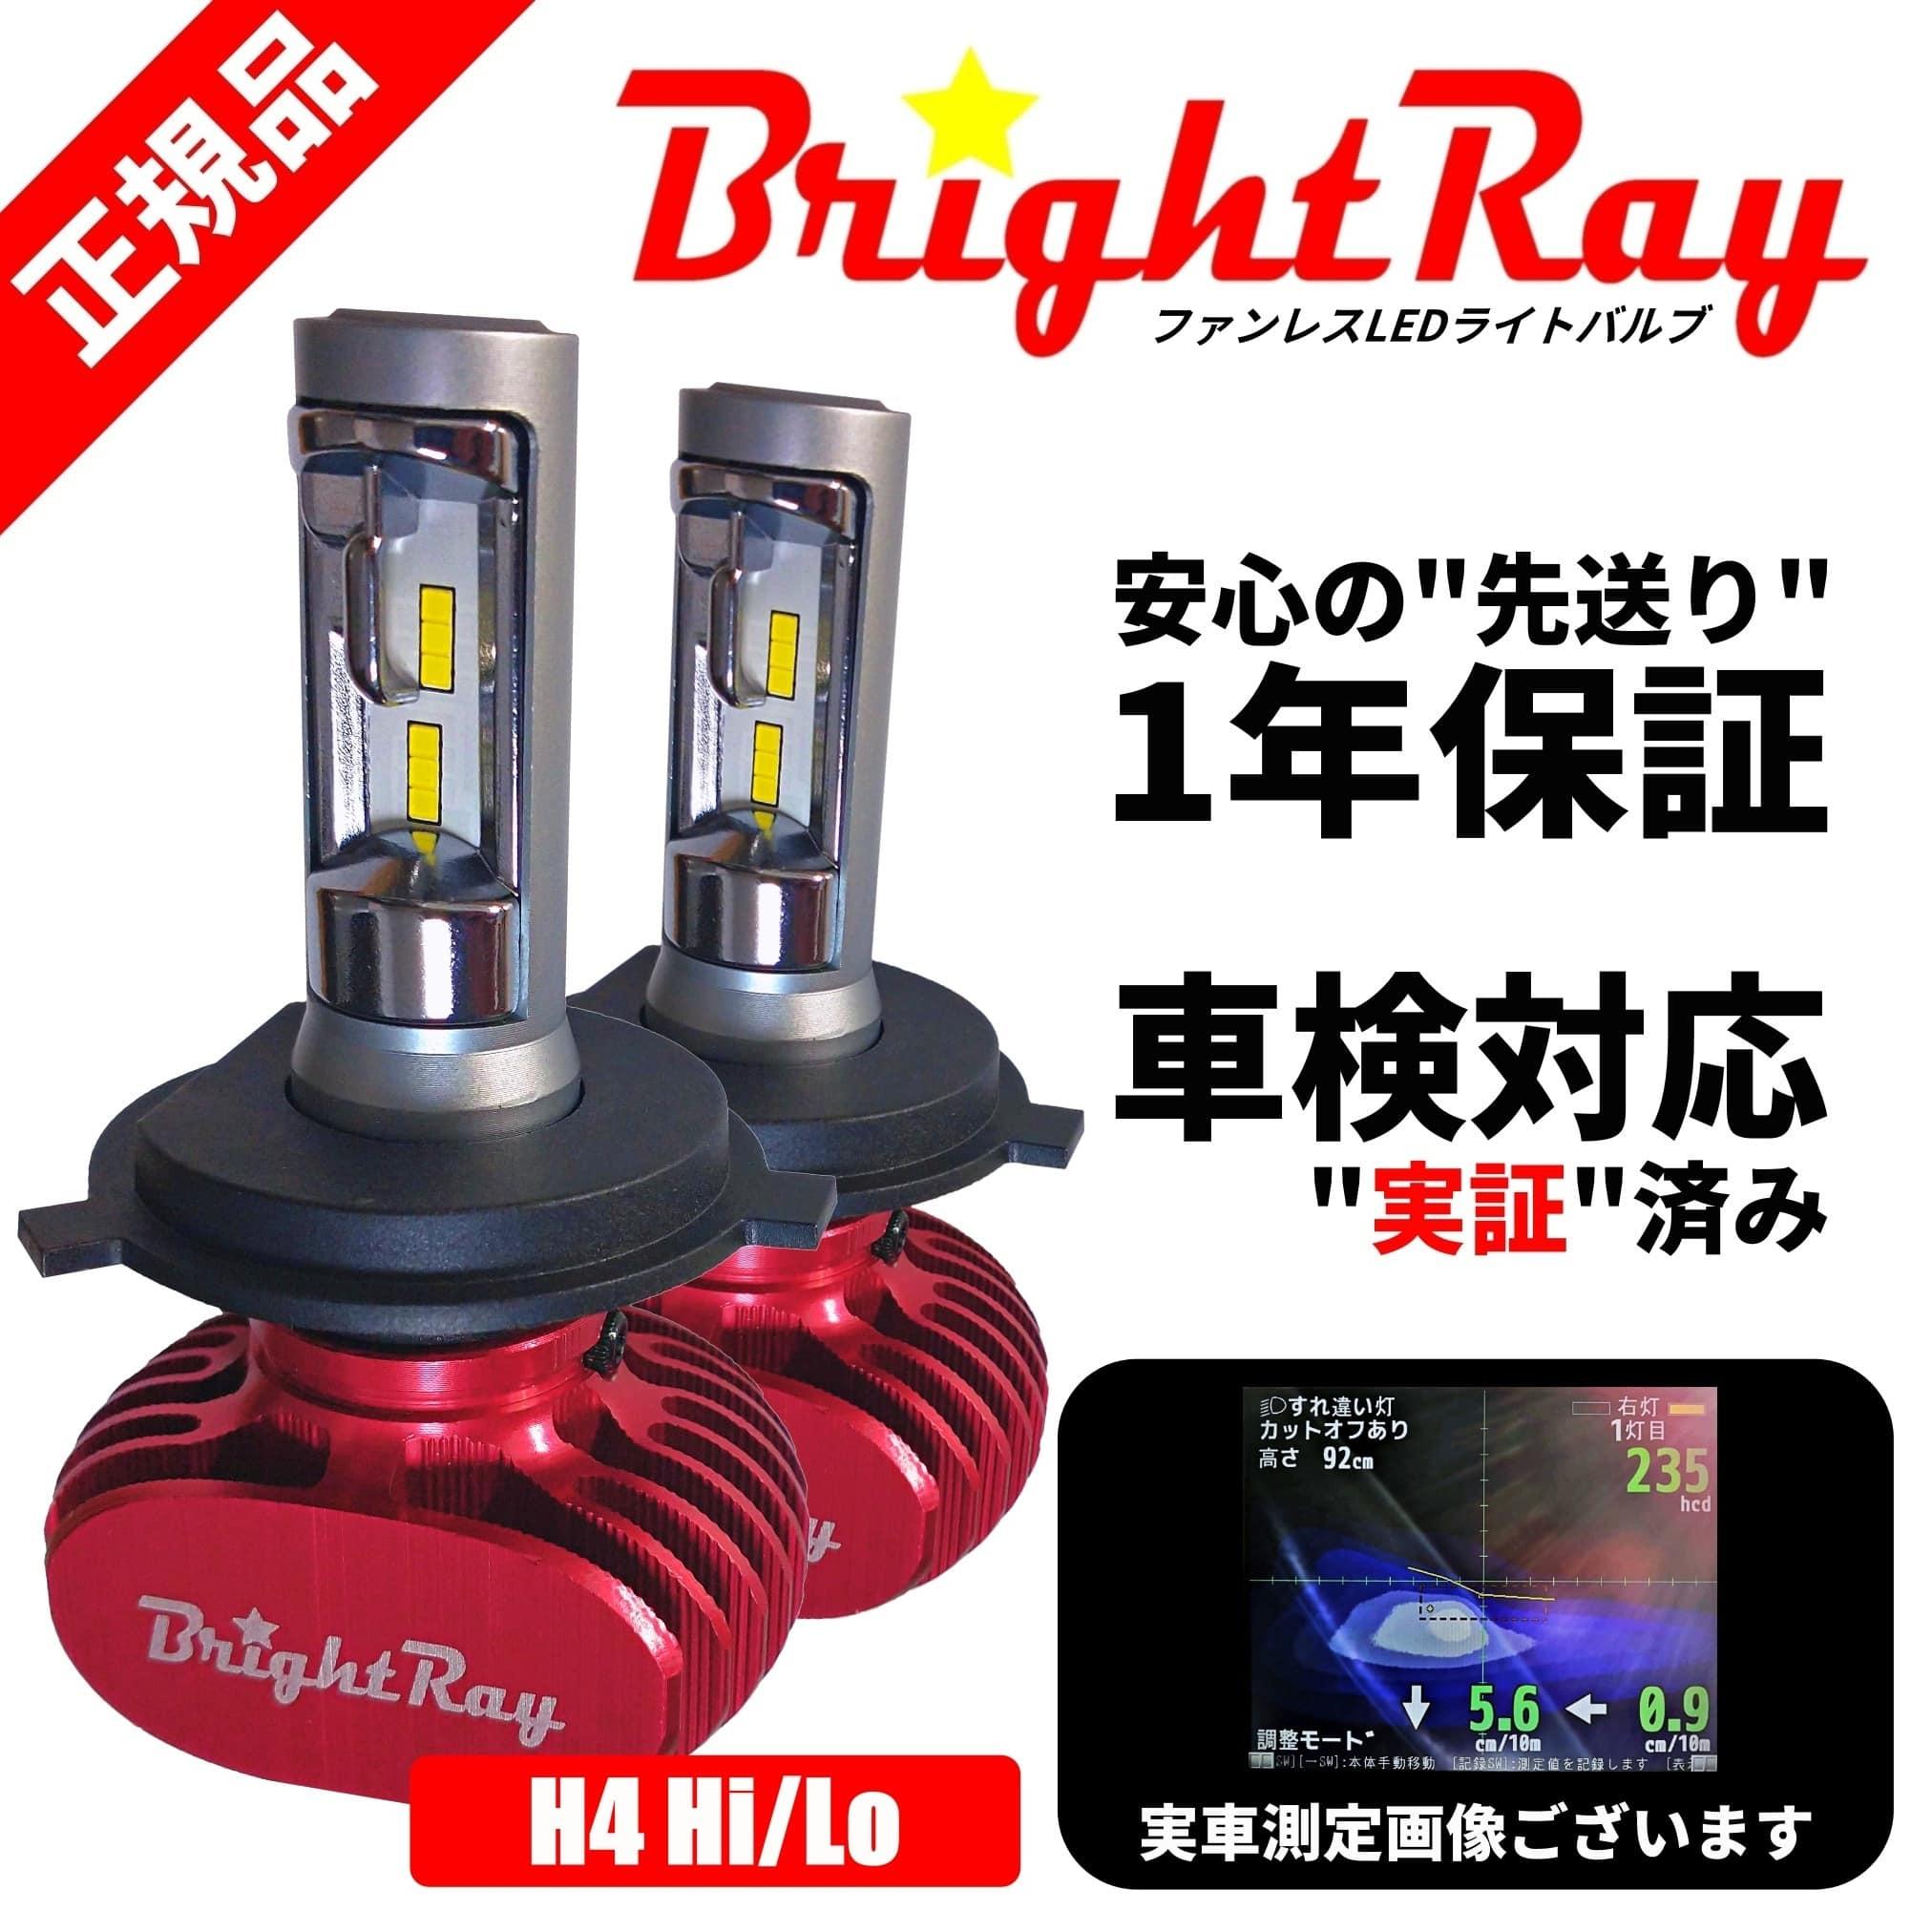 ライト・ランプ, ヘッドライト  BE1 BE2 BE3 BE4 BE8 LED H4 HiLo 6500K 1